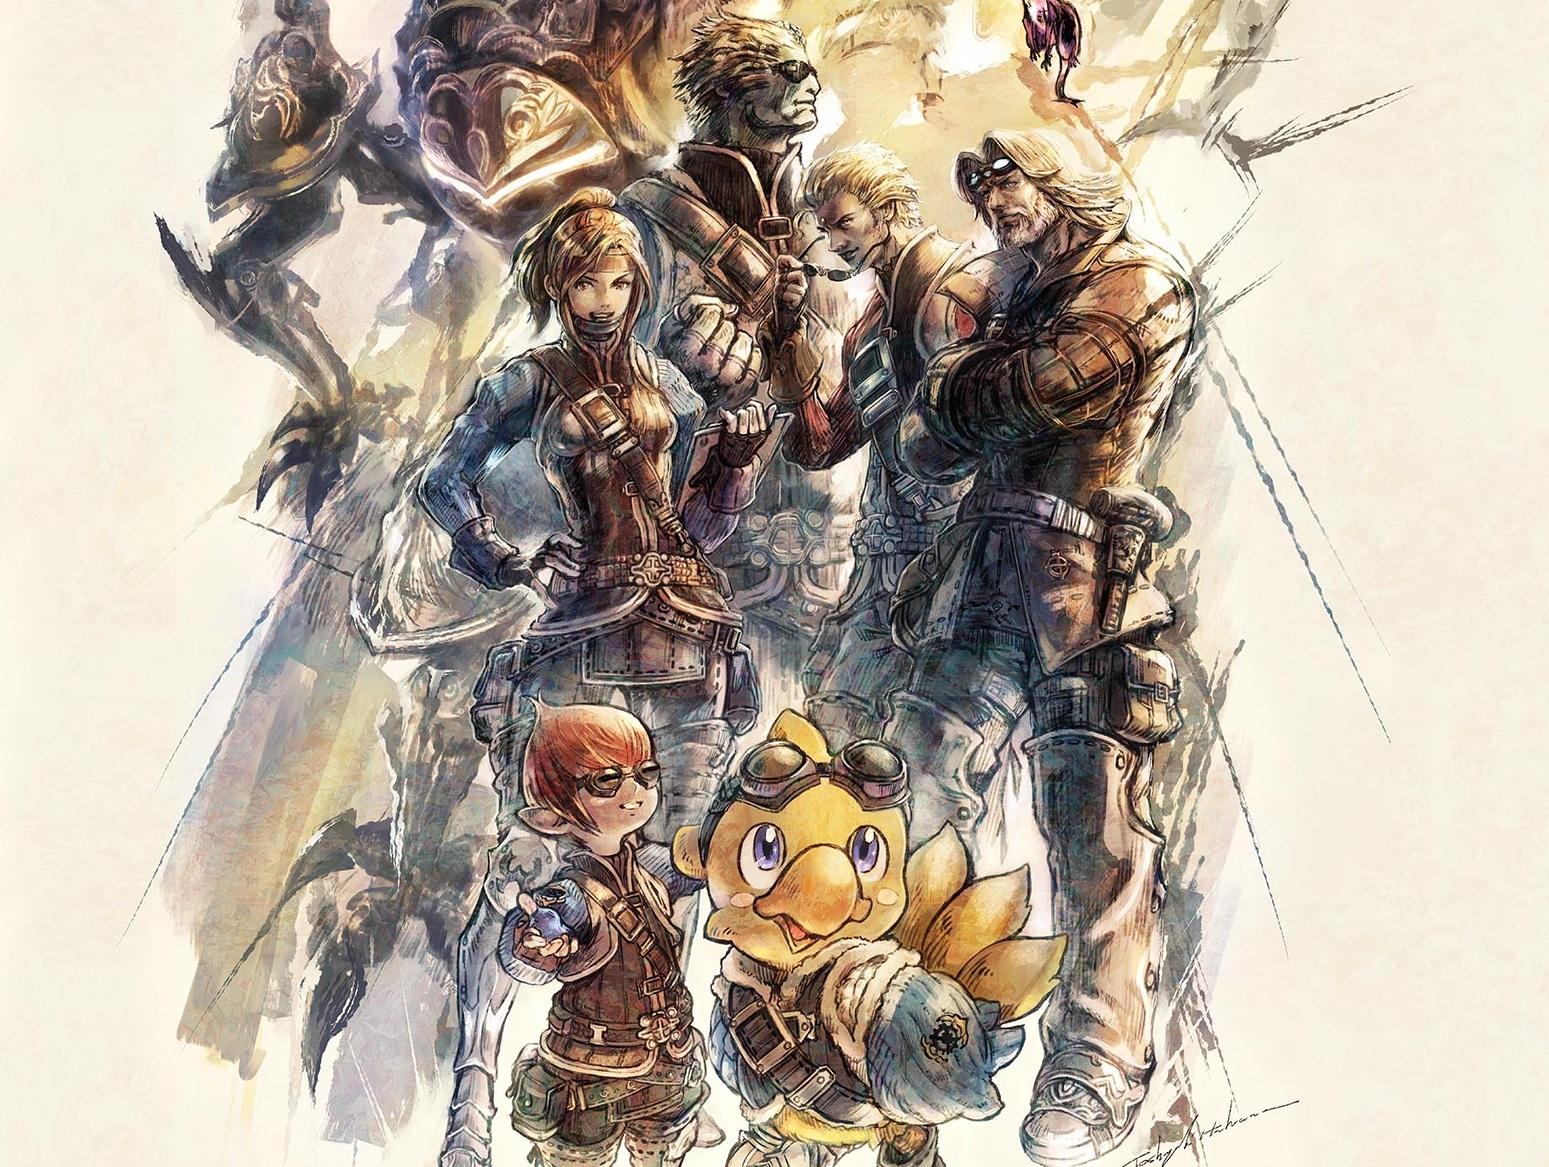 Die wichtigsten Quests von Final Fantasy XIV Patch 4.2 im Überblick